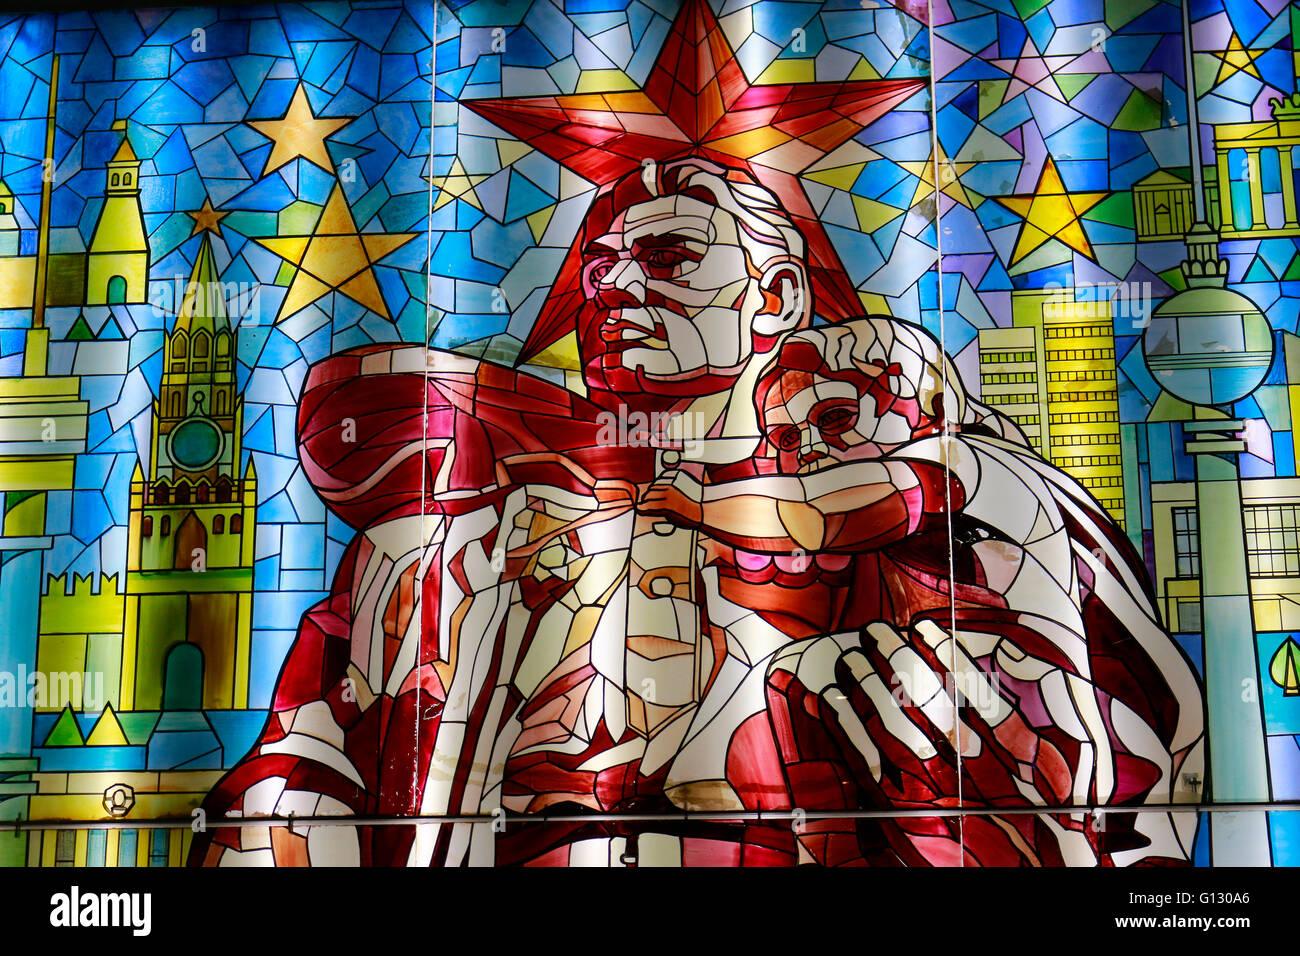 Glasbild: sowjetischer Soldat mit kleinem Maedchen - Deutsch Russisches Museum, Berlin-Karlshorst. - Stock Image